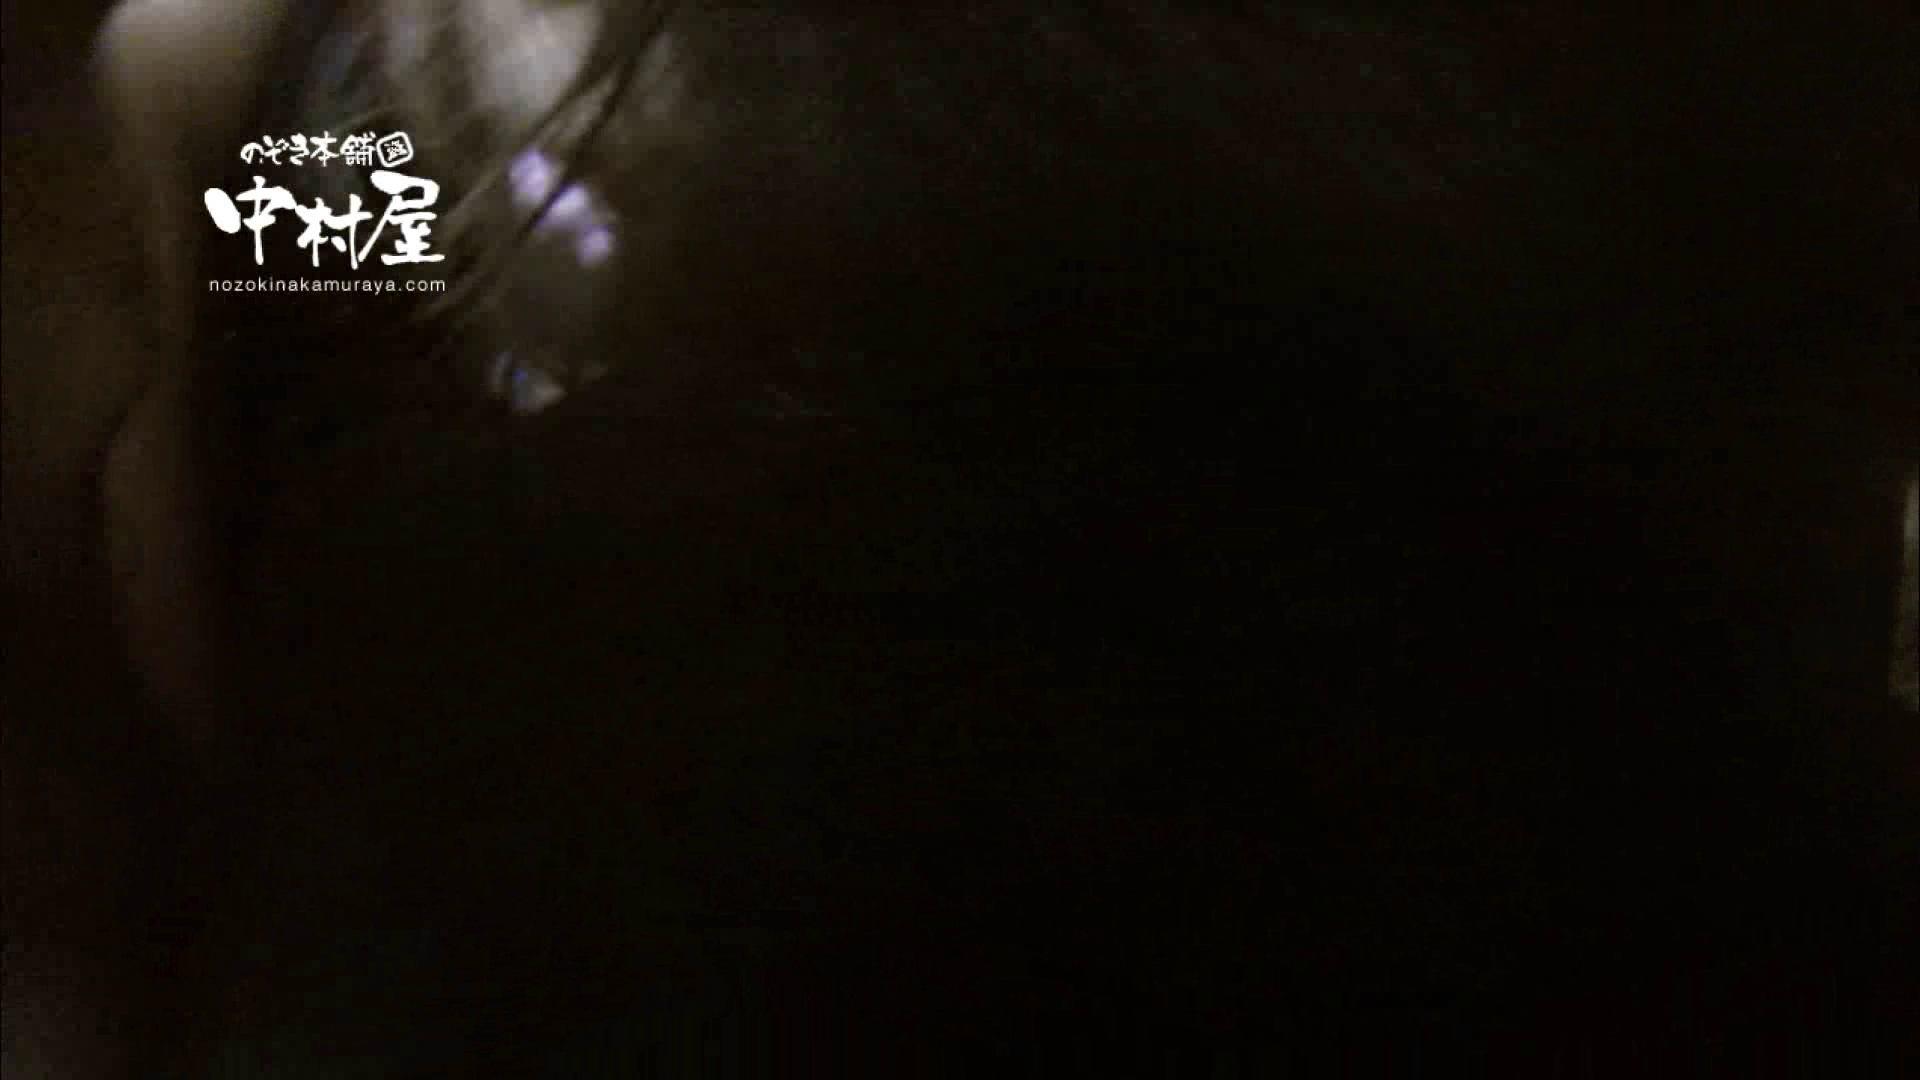 鬼畜 vol.11 下の口は正直なオンナ 後編 鬼畜   OLのエロ生活  93連発 39